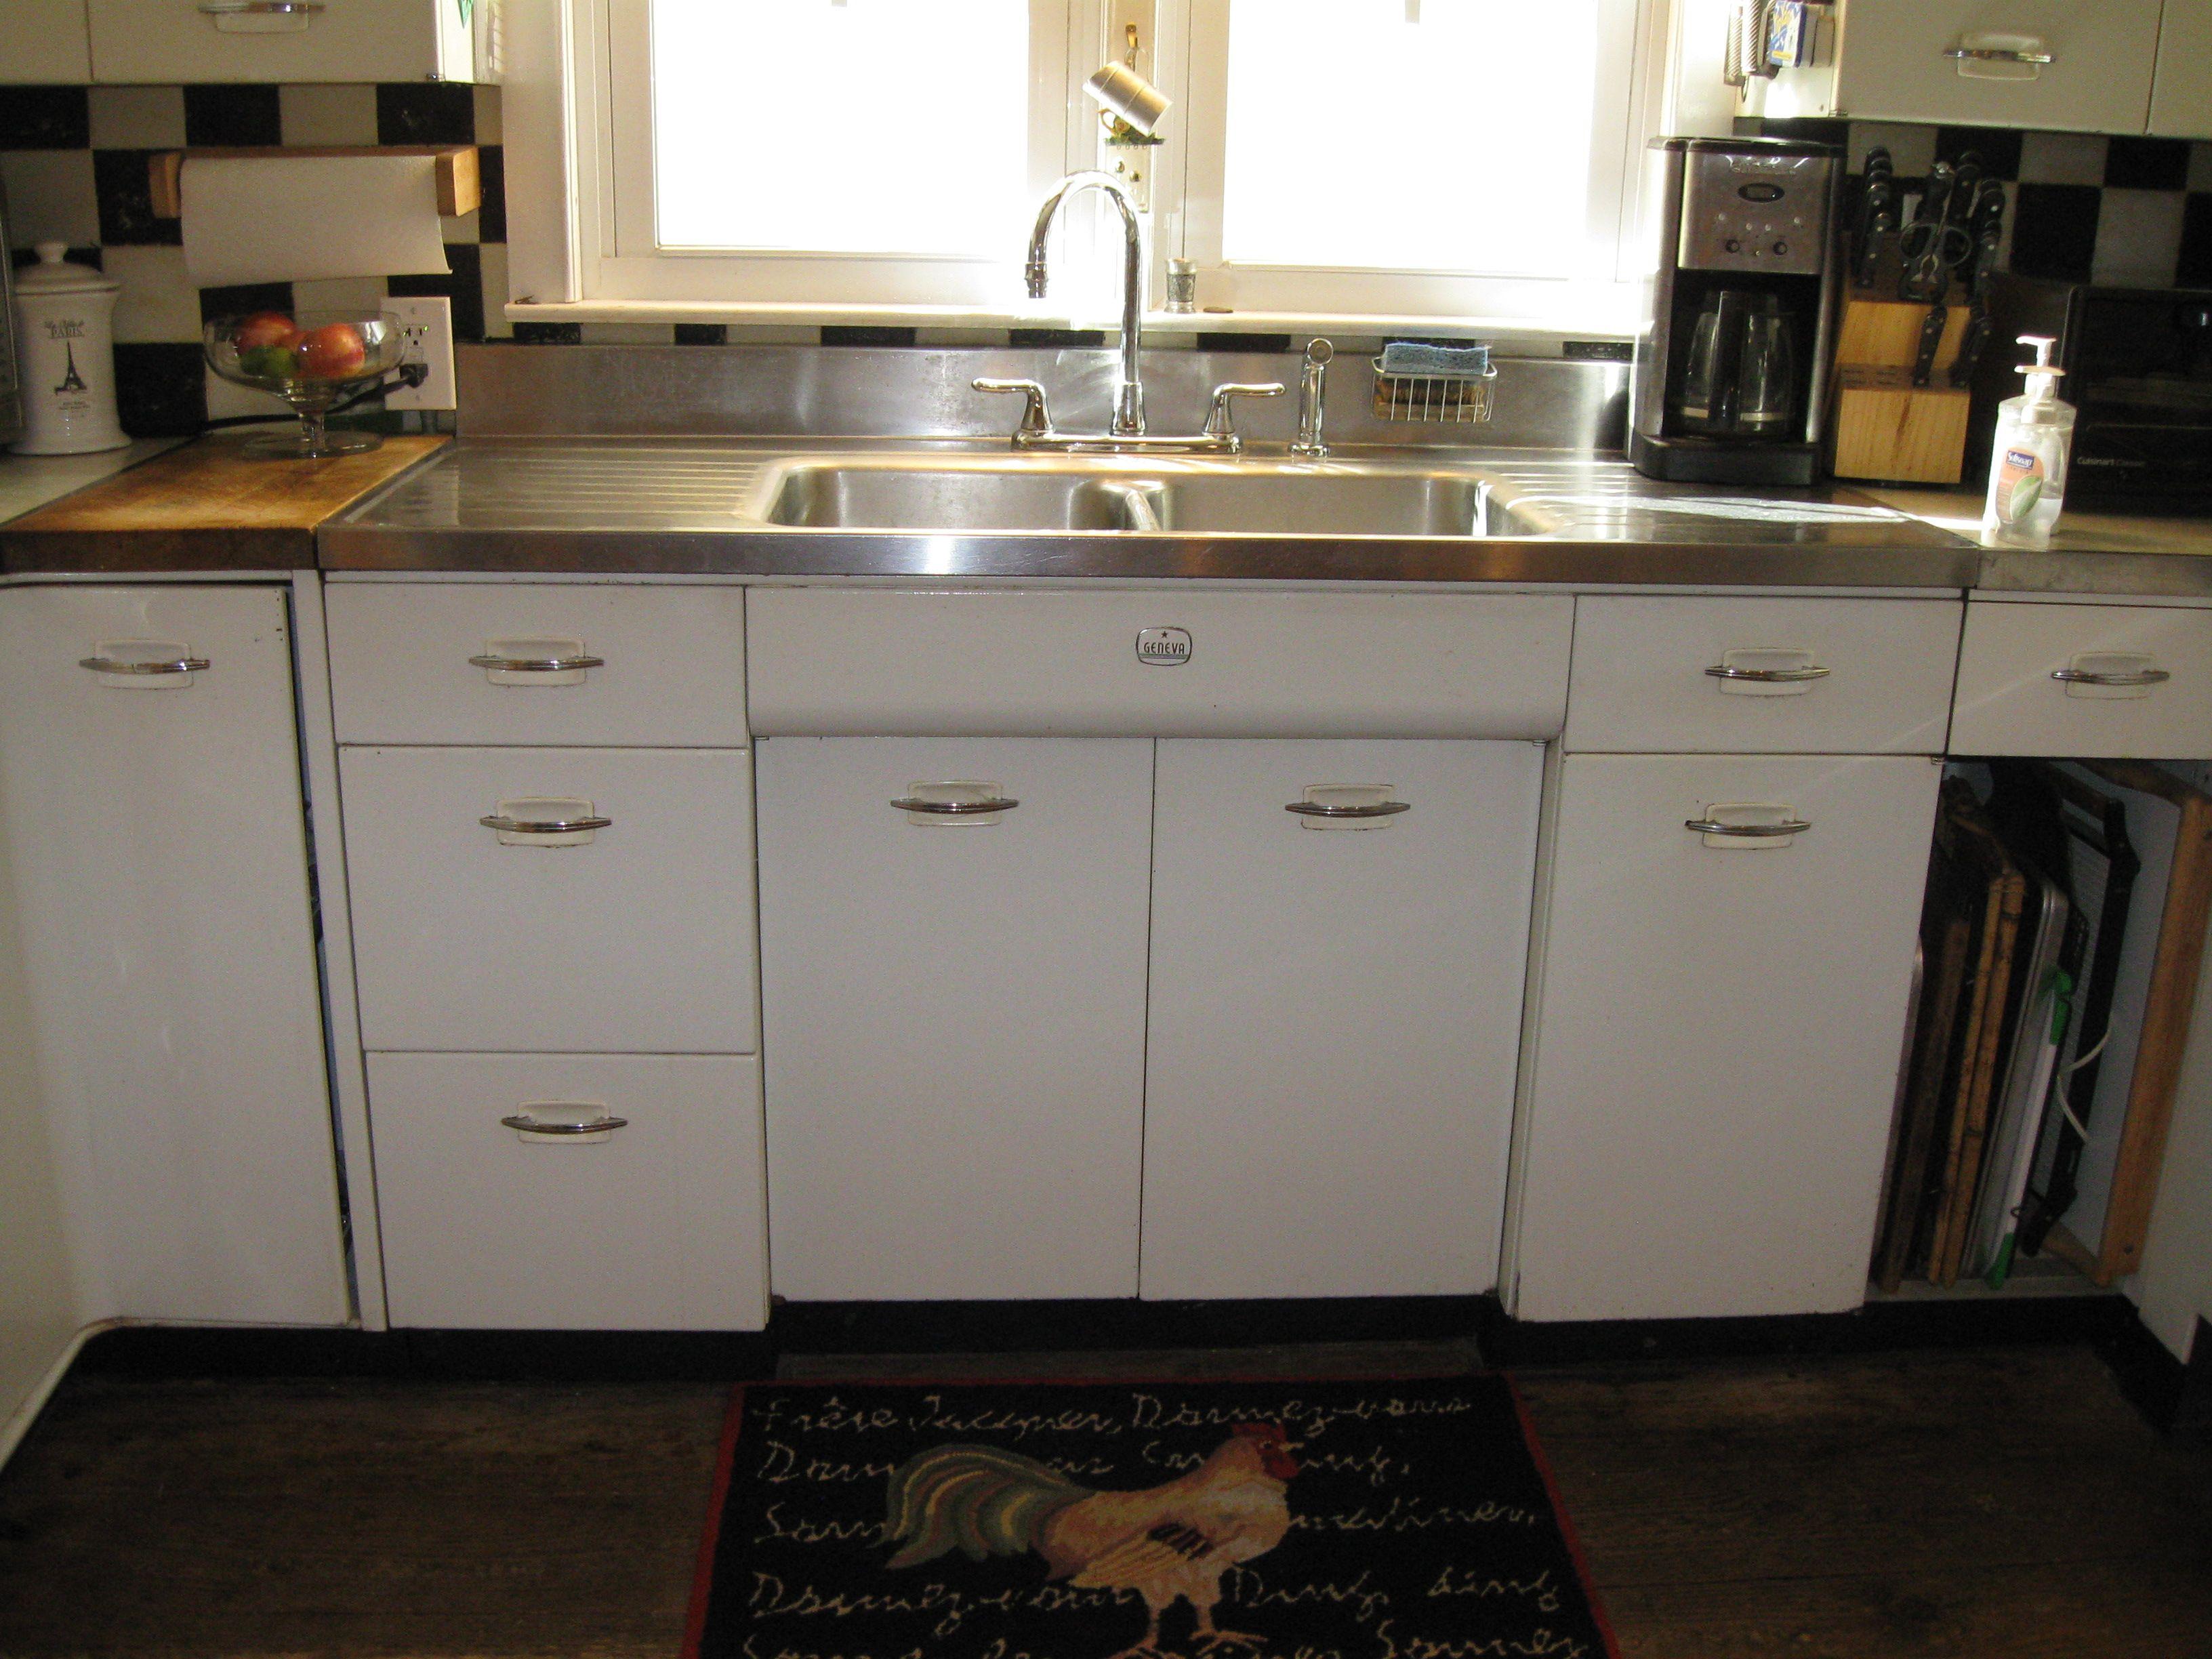 Geneva Cabinets Complete Set For Sale 1200 Or Best Offer 10